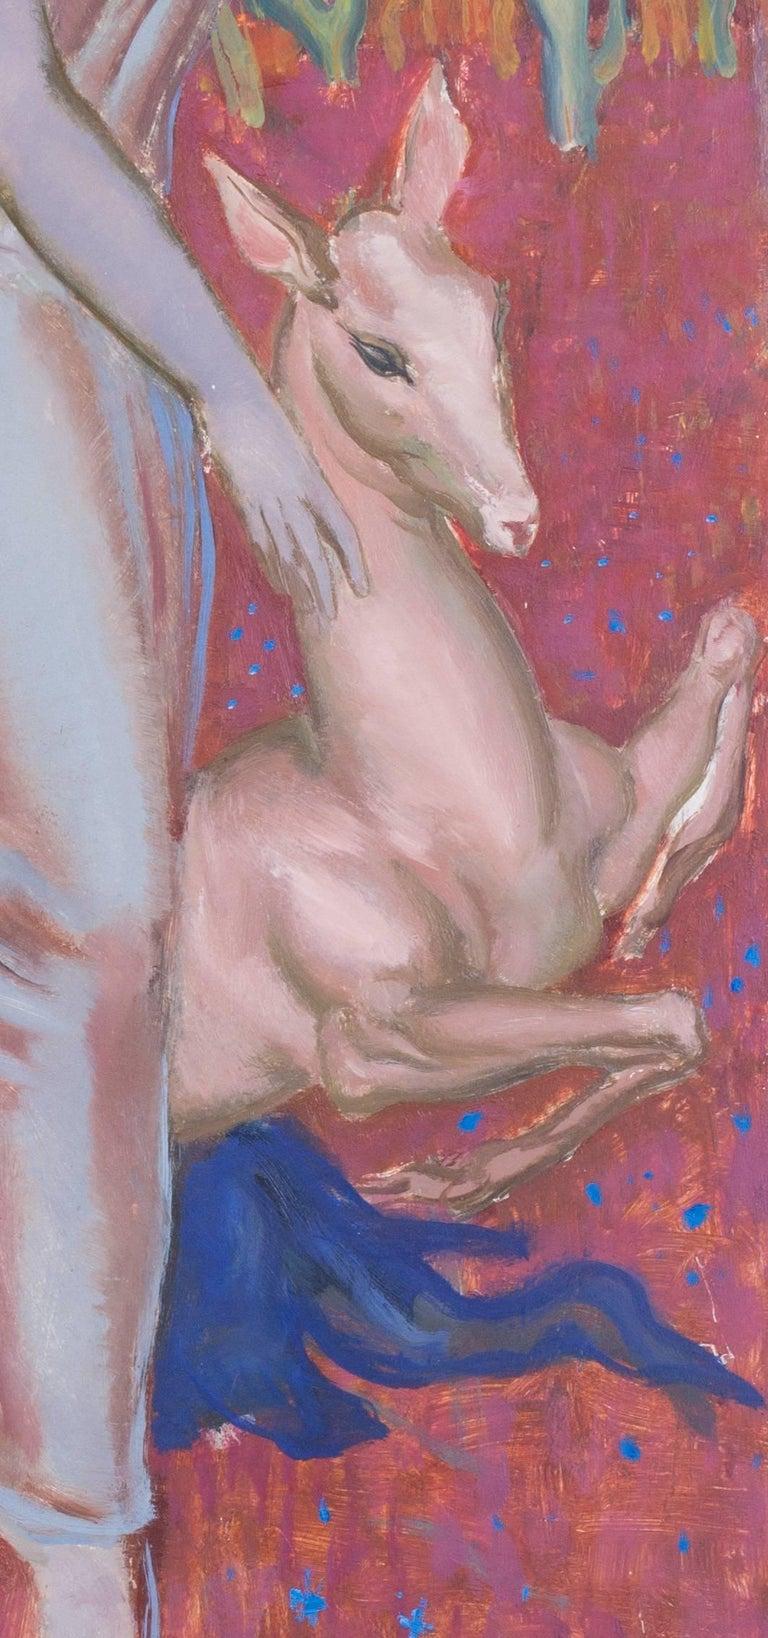 Femme a la biche - Painting by Paul Mantes